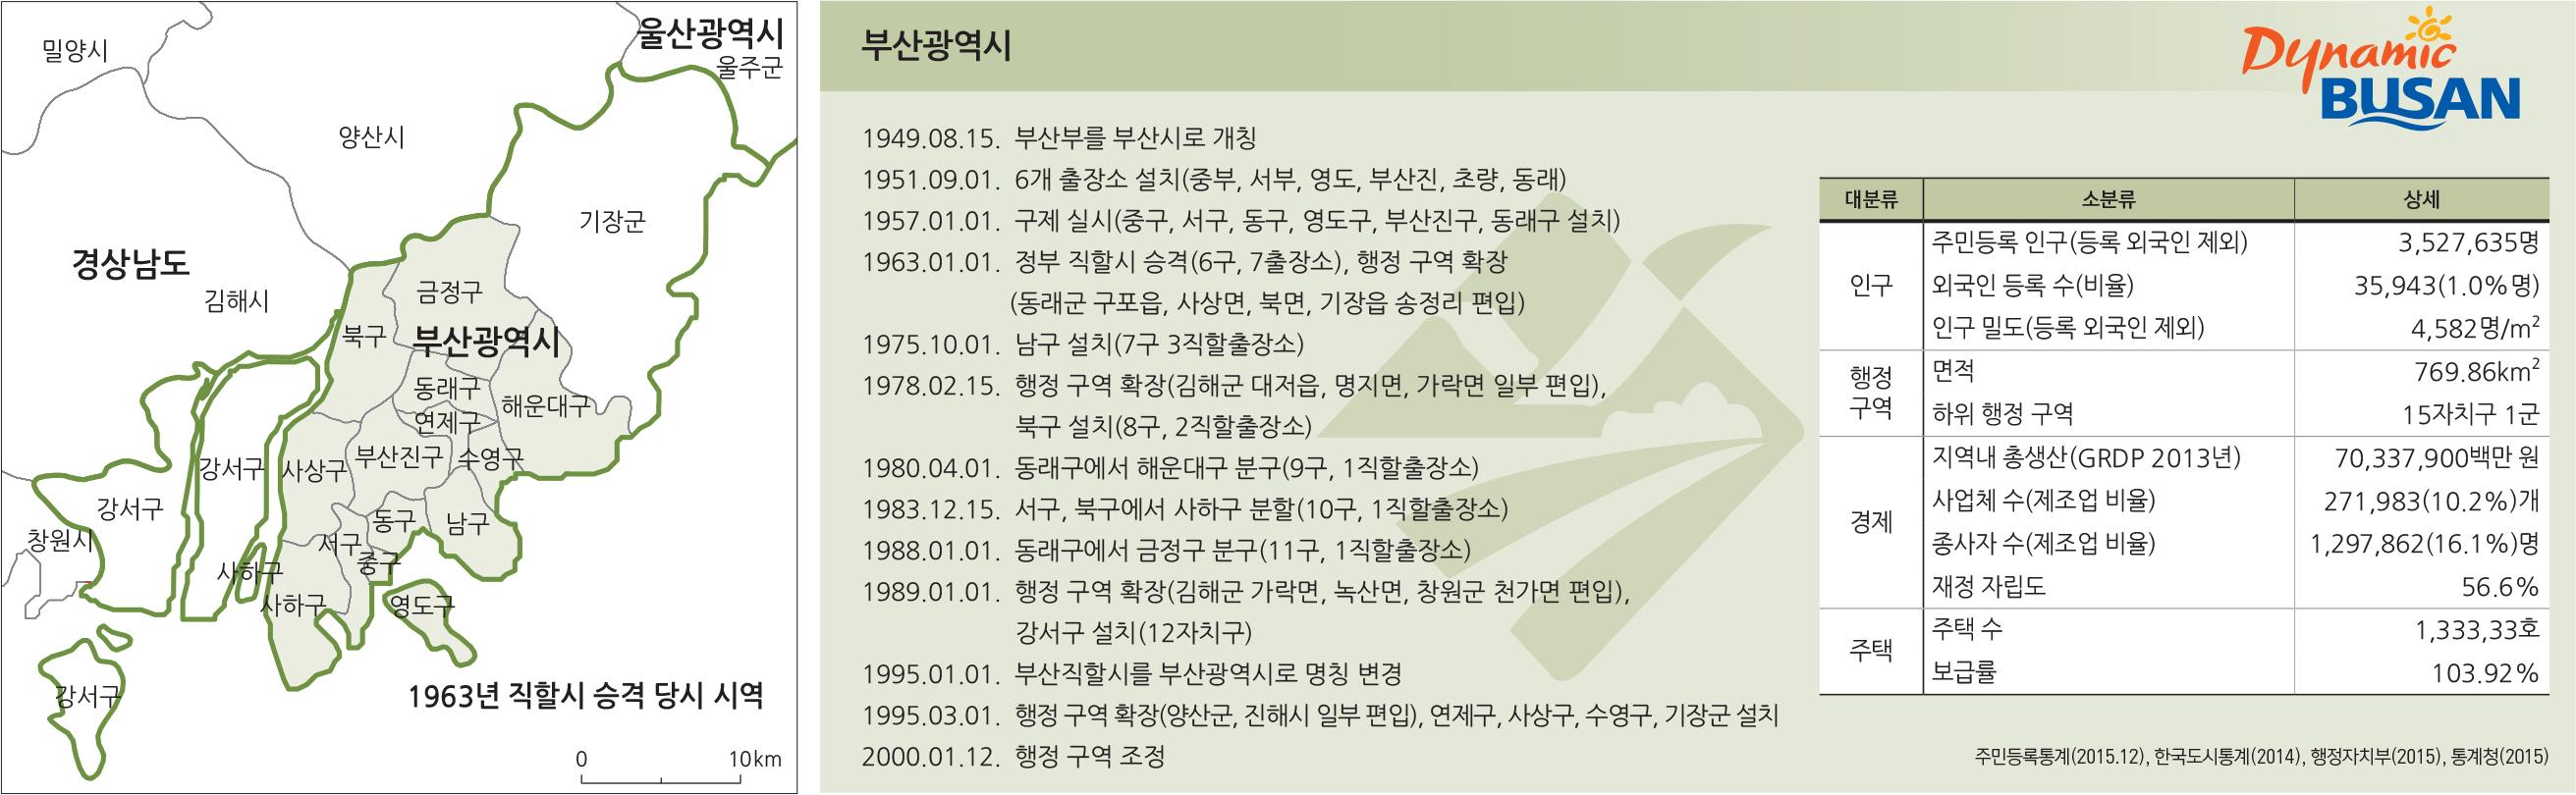 특별시, 광역시, 특별자치시의 성장 - 부산광역시